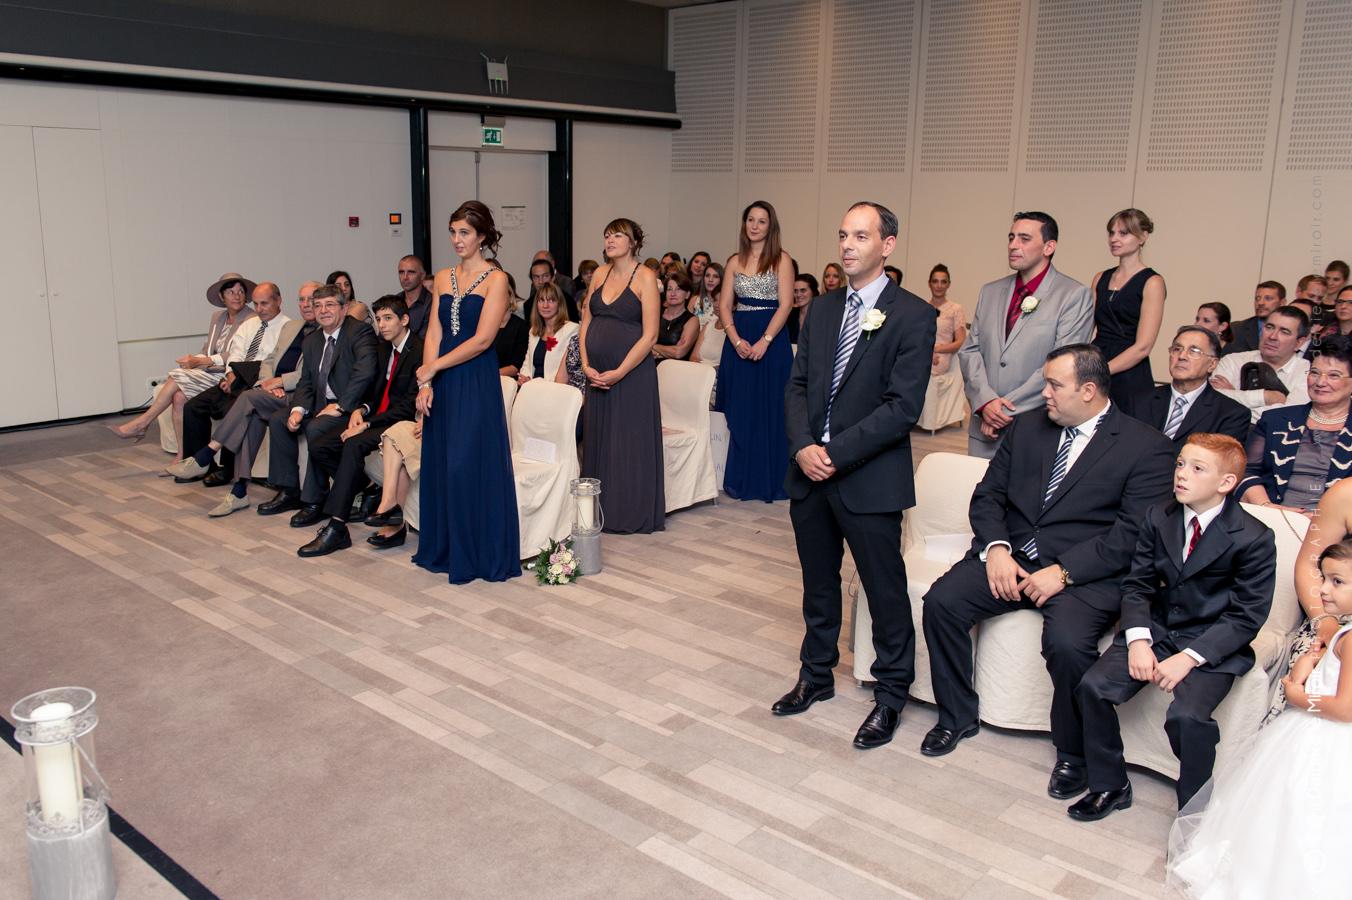 Photographe-mariage-monaco-loeilderrierelemiroir-034